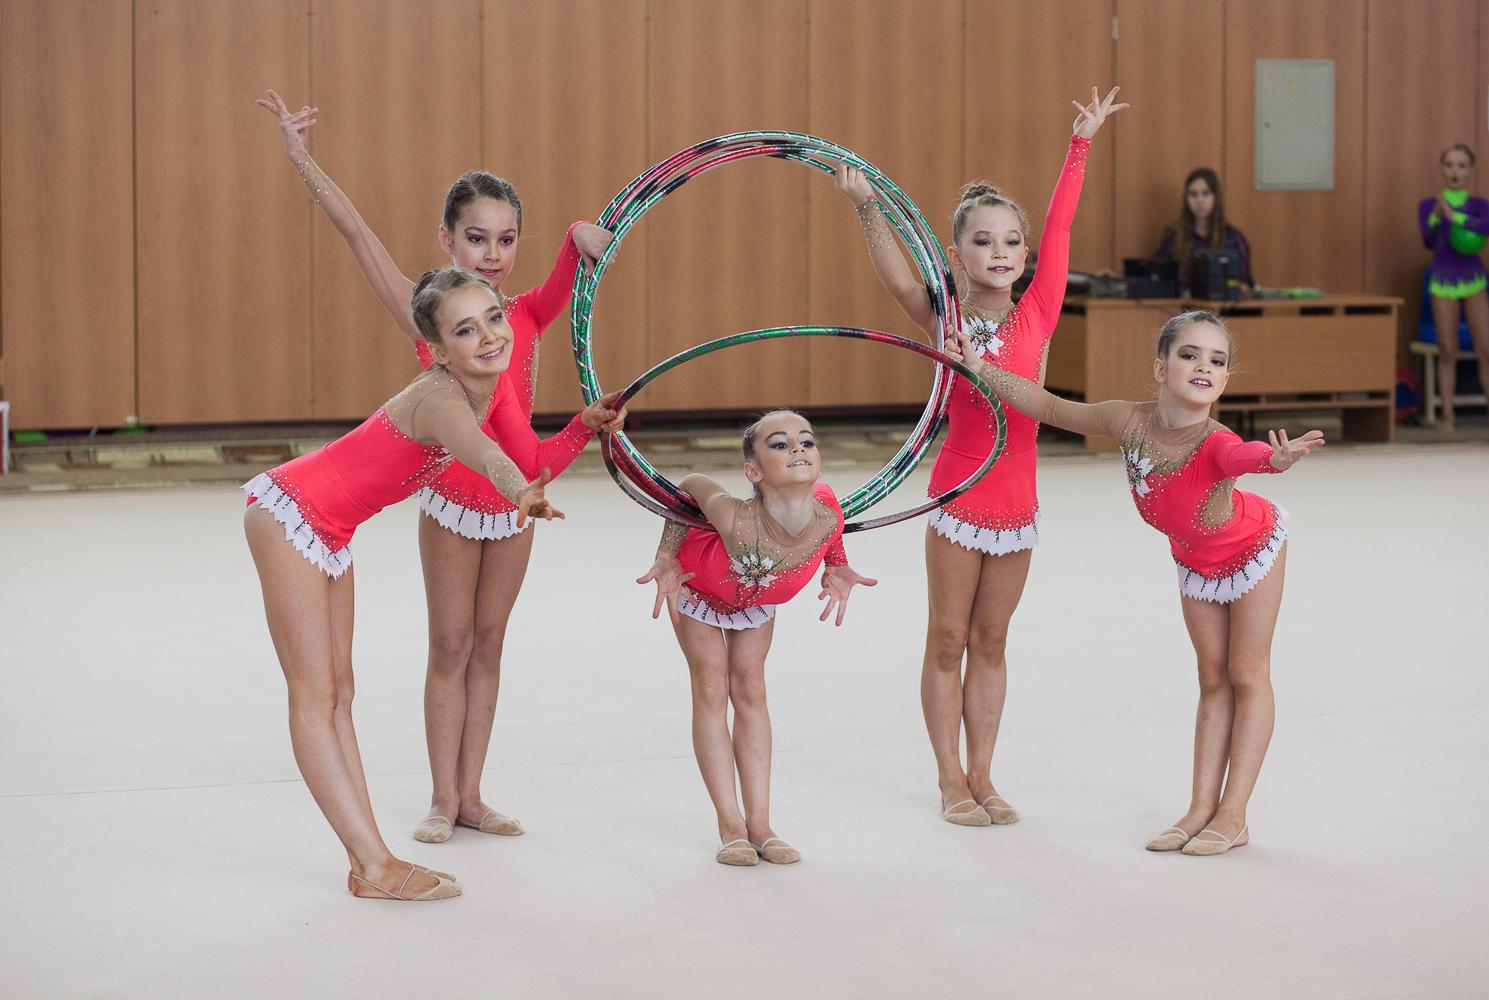 Подарки гимнасткам на соревнованиях